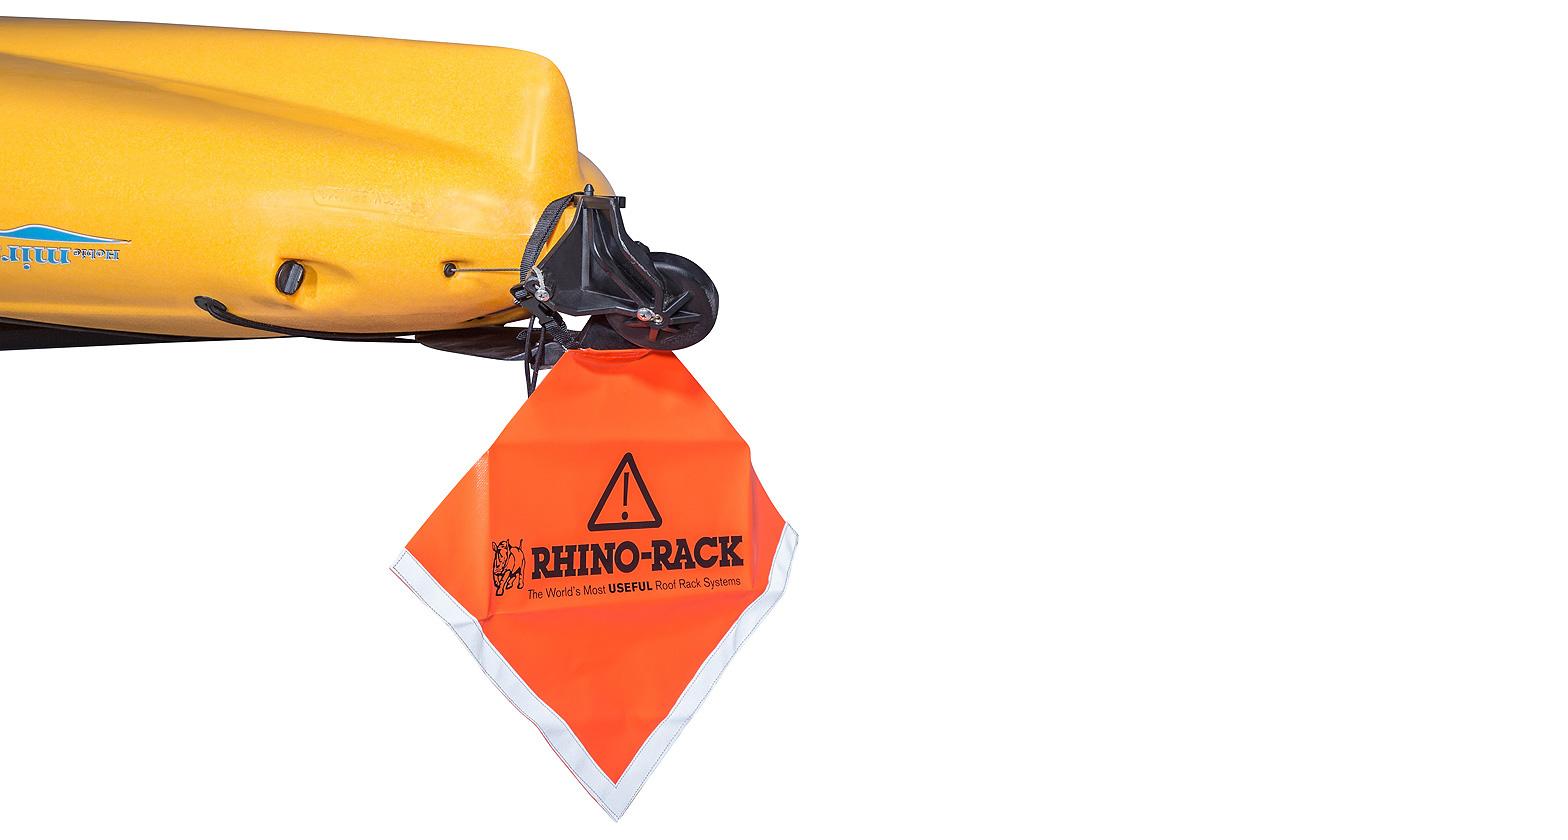 Long load Warning sign